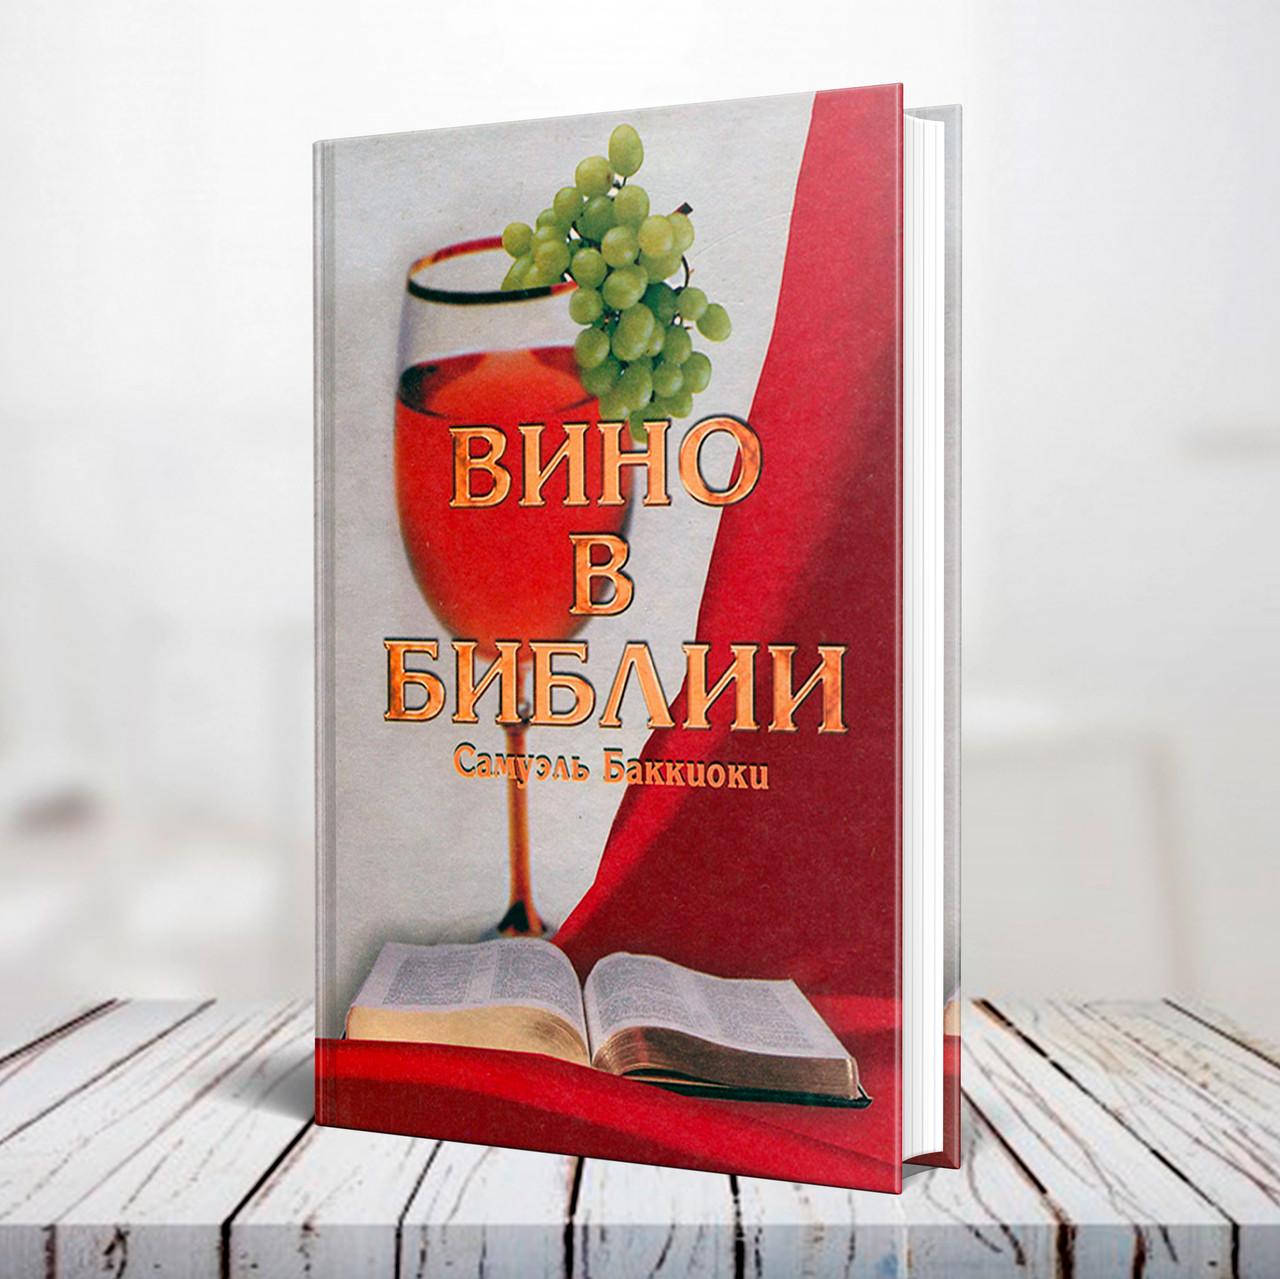 """""""Вино в Библии"""" Самуэль Баккиоки"""